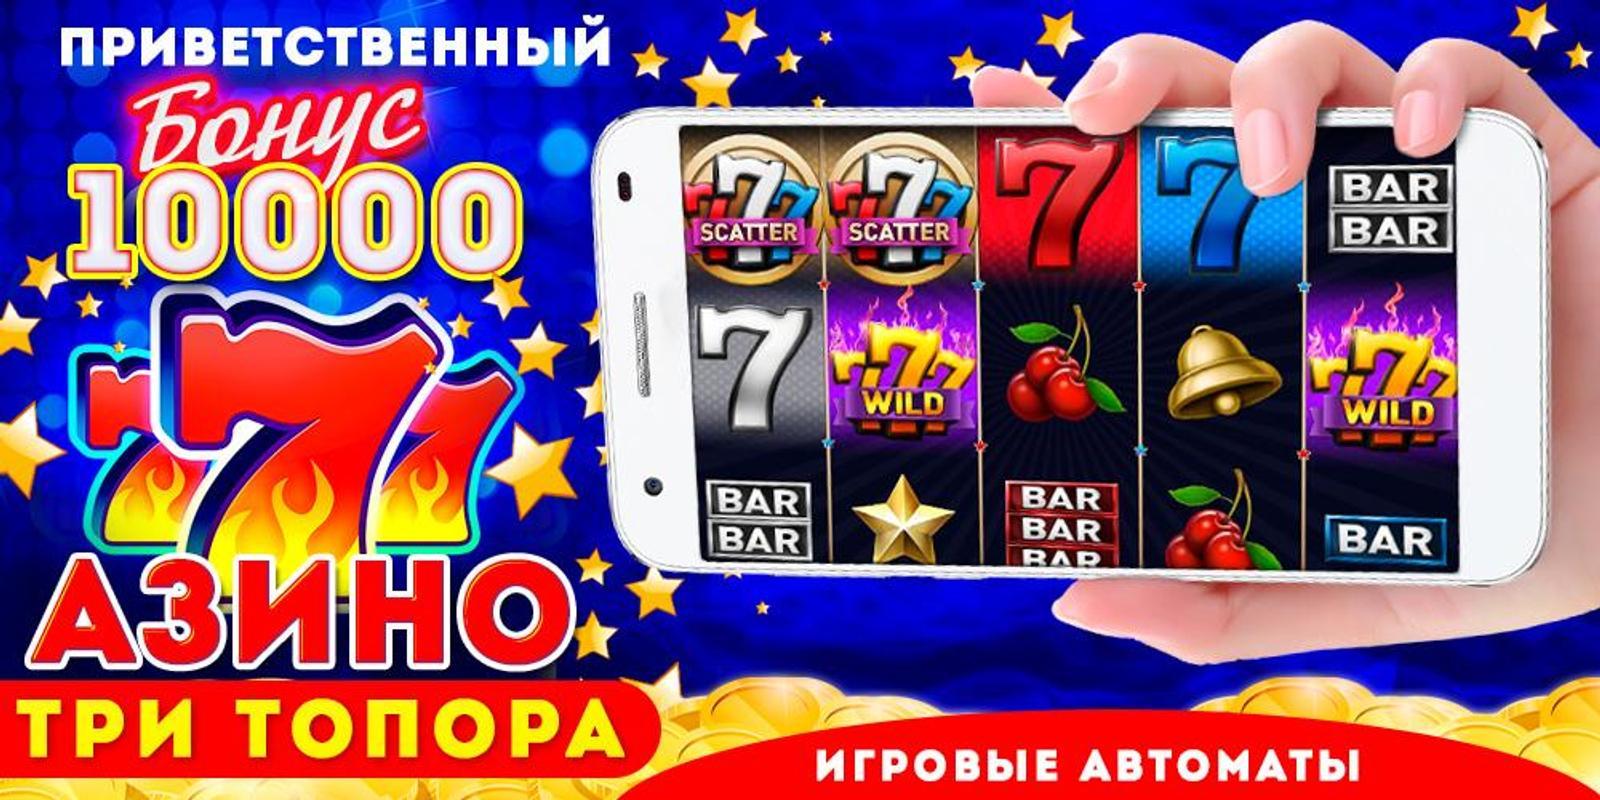 игровые автоматы азино 3 топора